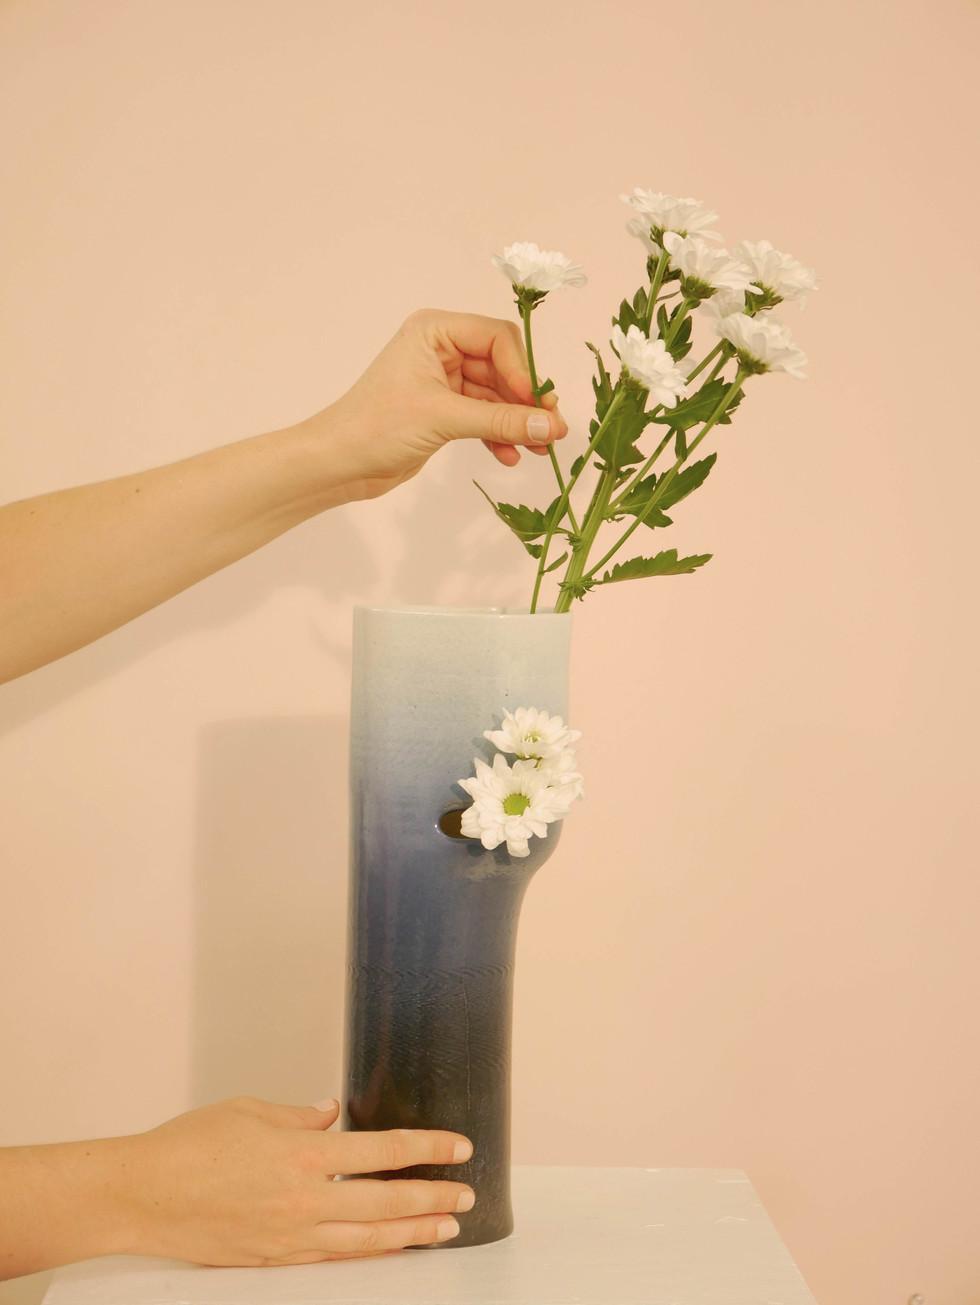 Vase, noemiecastera -2